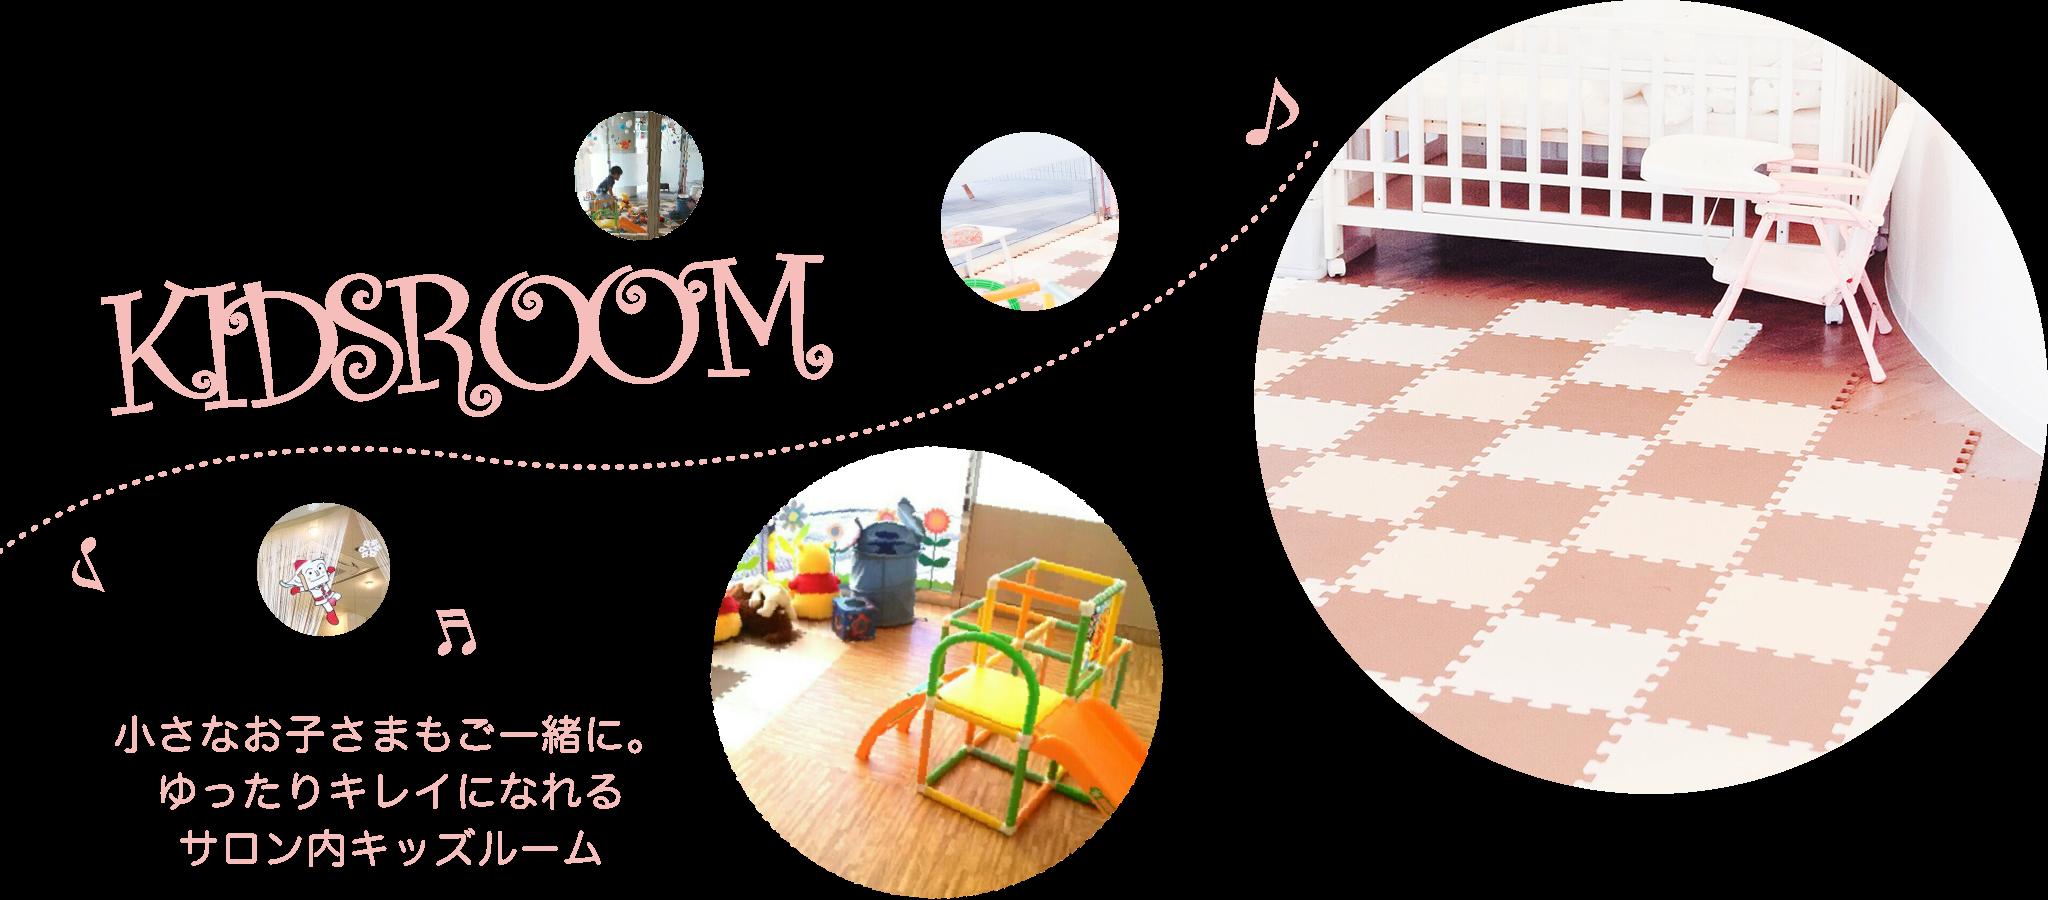 無料託児所 Kids Room | プロの保育士さん在中!! 小さなお子さまもご一緒にゆったりキレイになれるサロン内キッズルーム